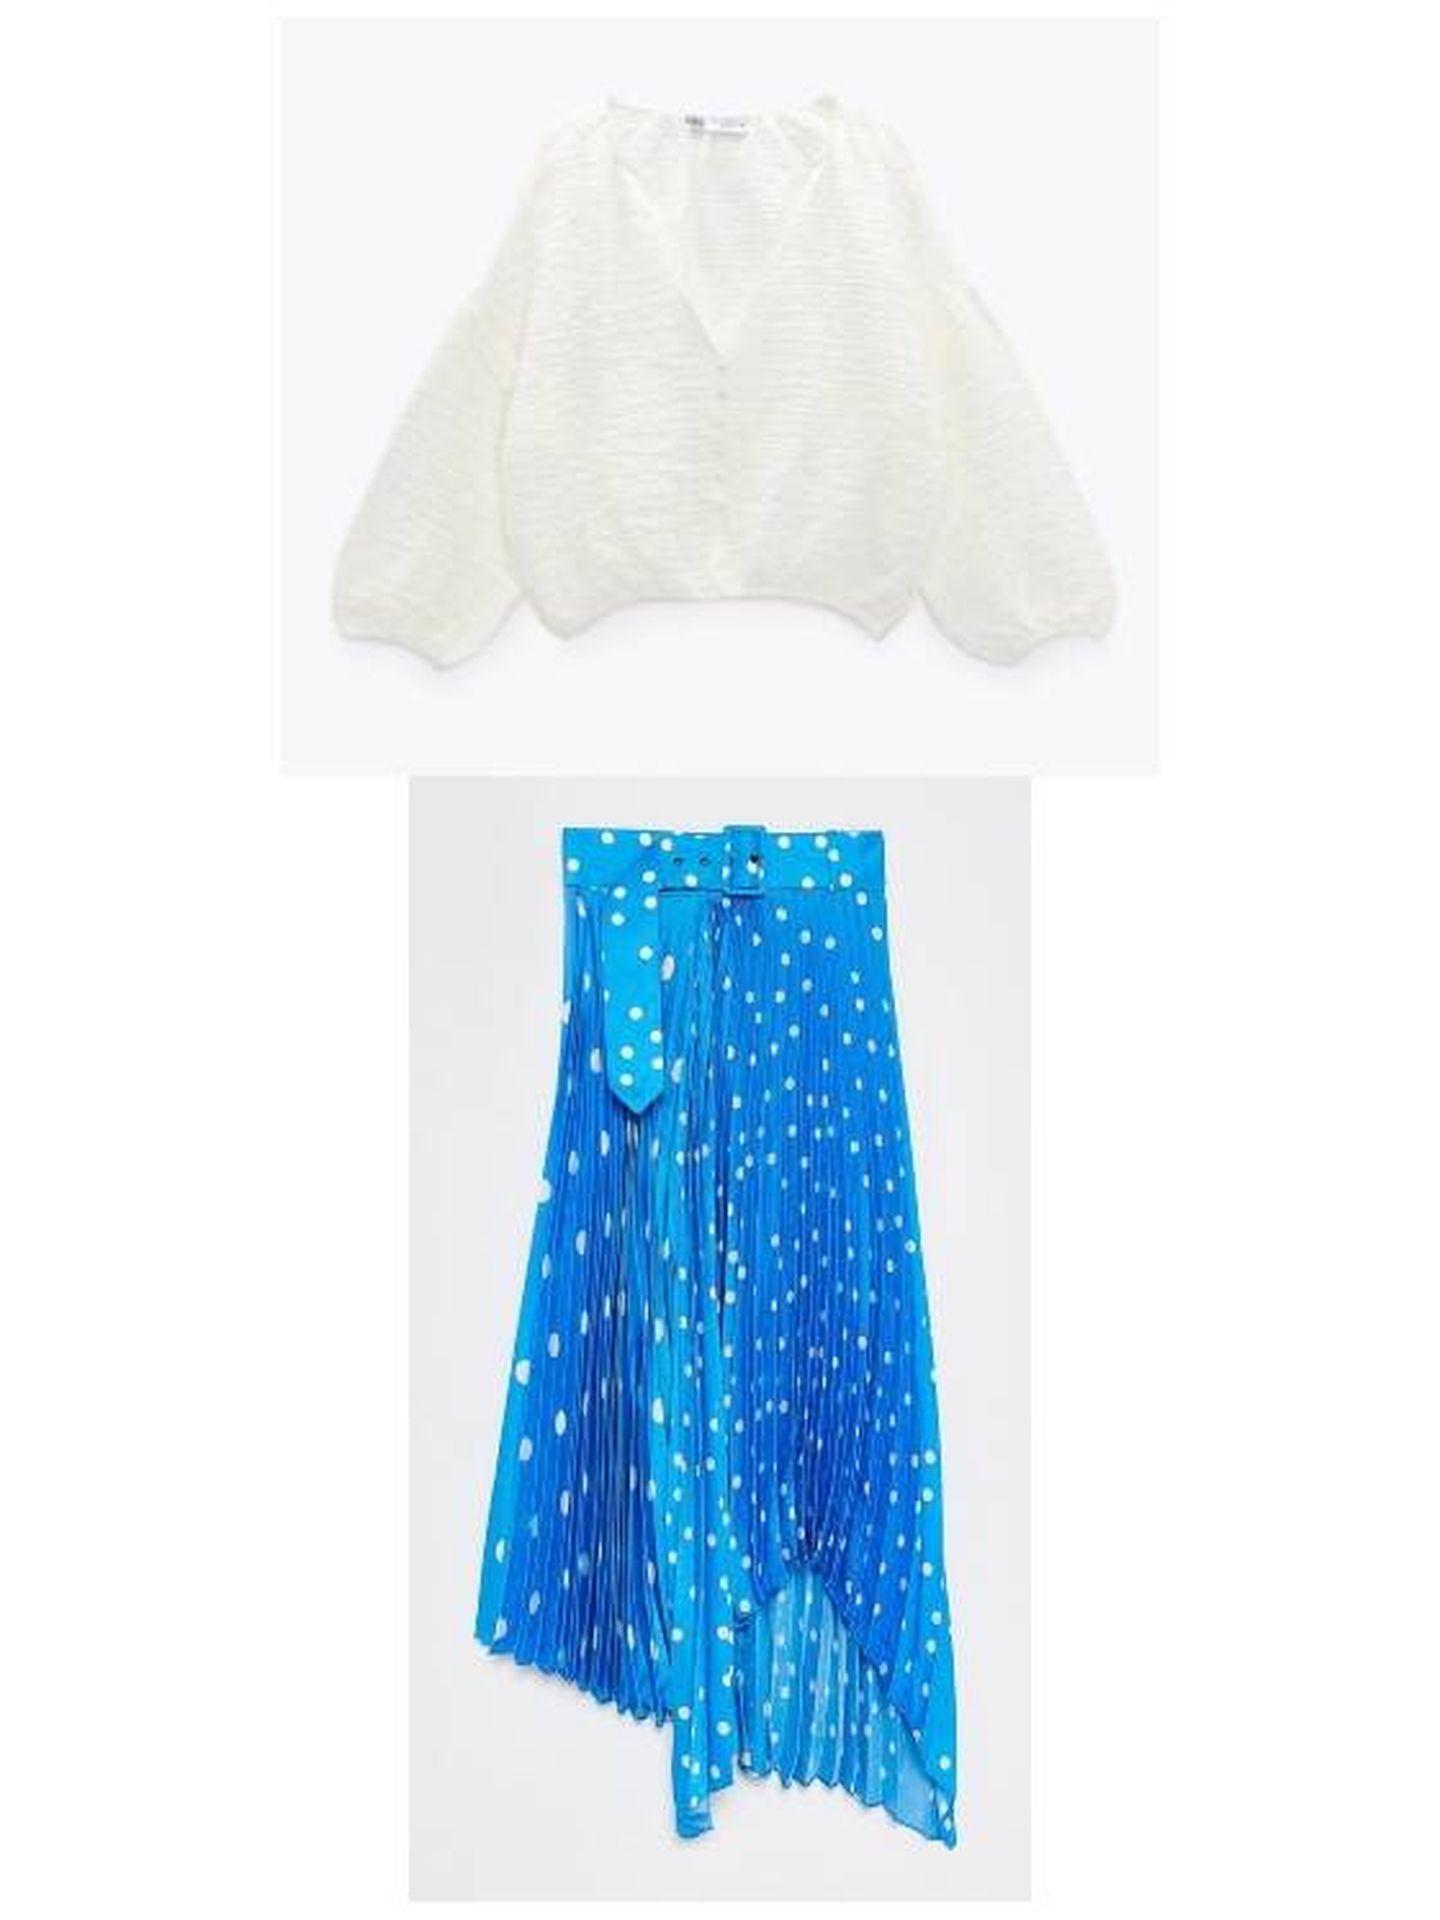 Blusa blanca de Zara y falda plisada de Sfera. (Cortesía)